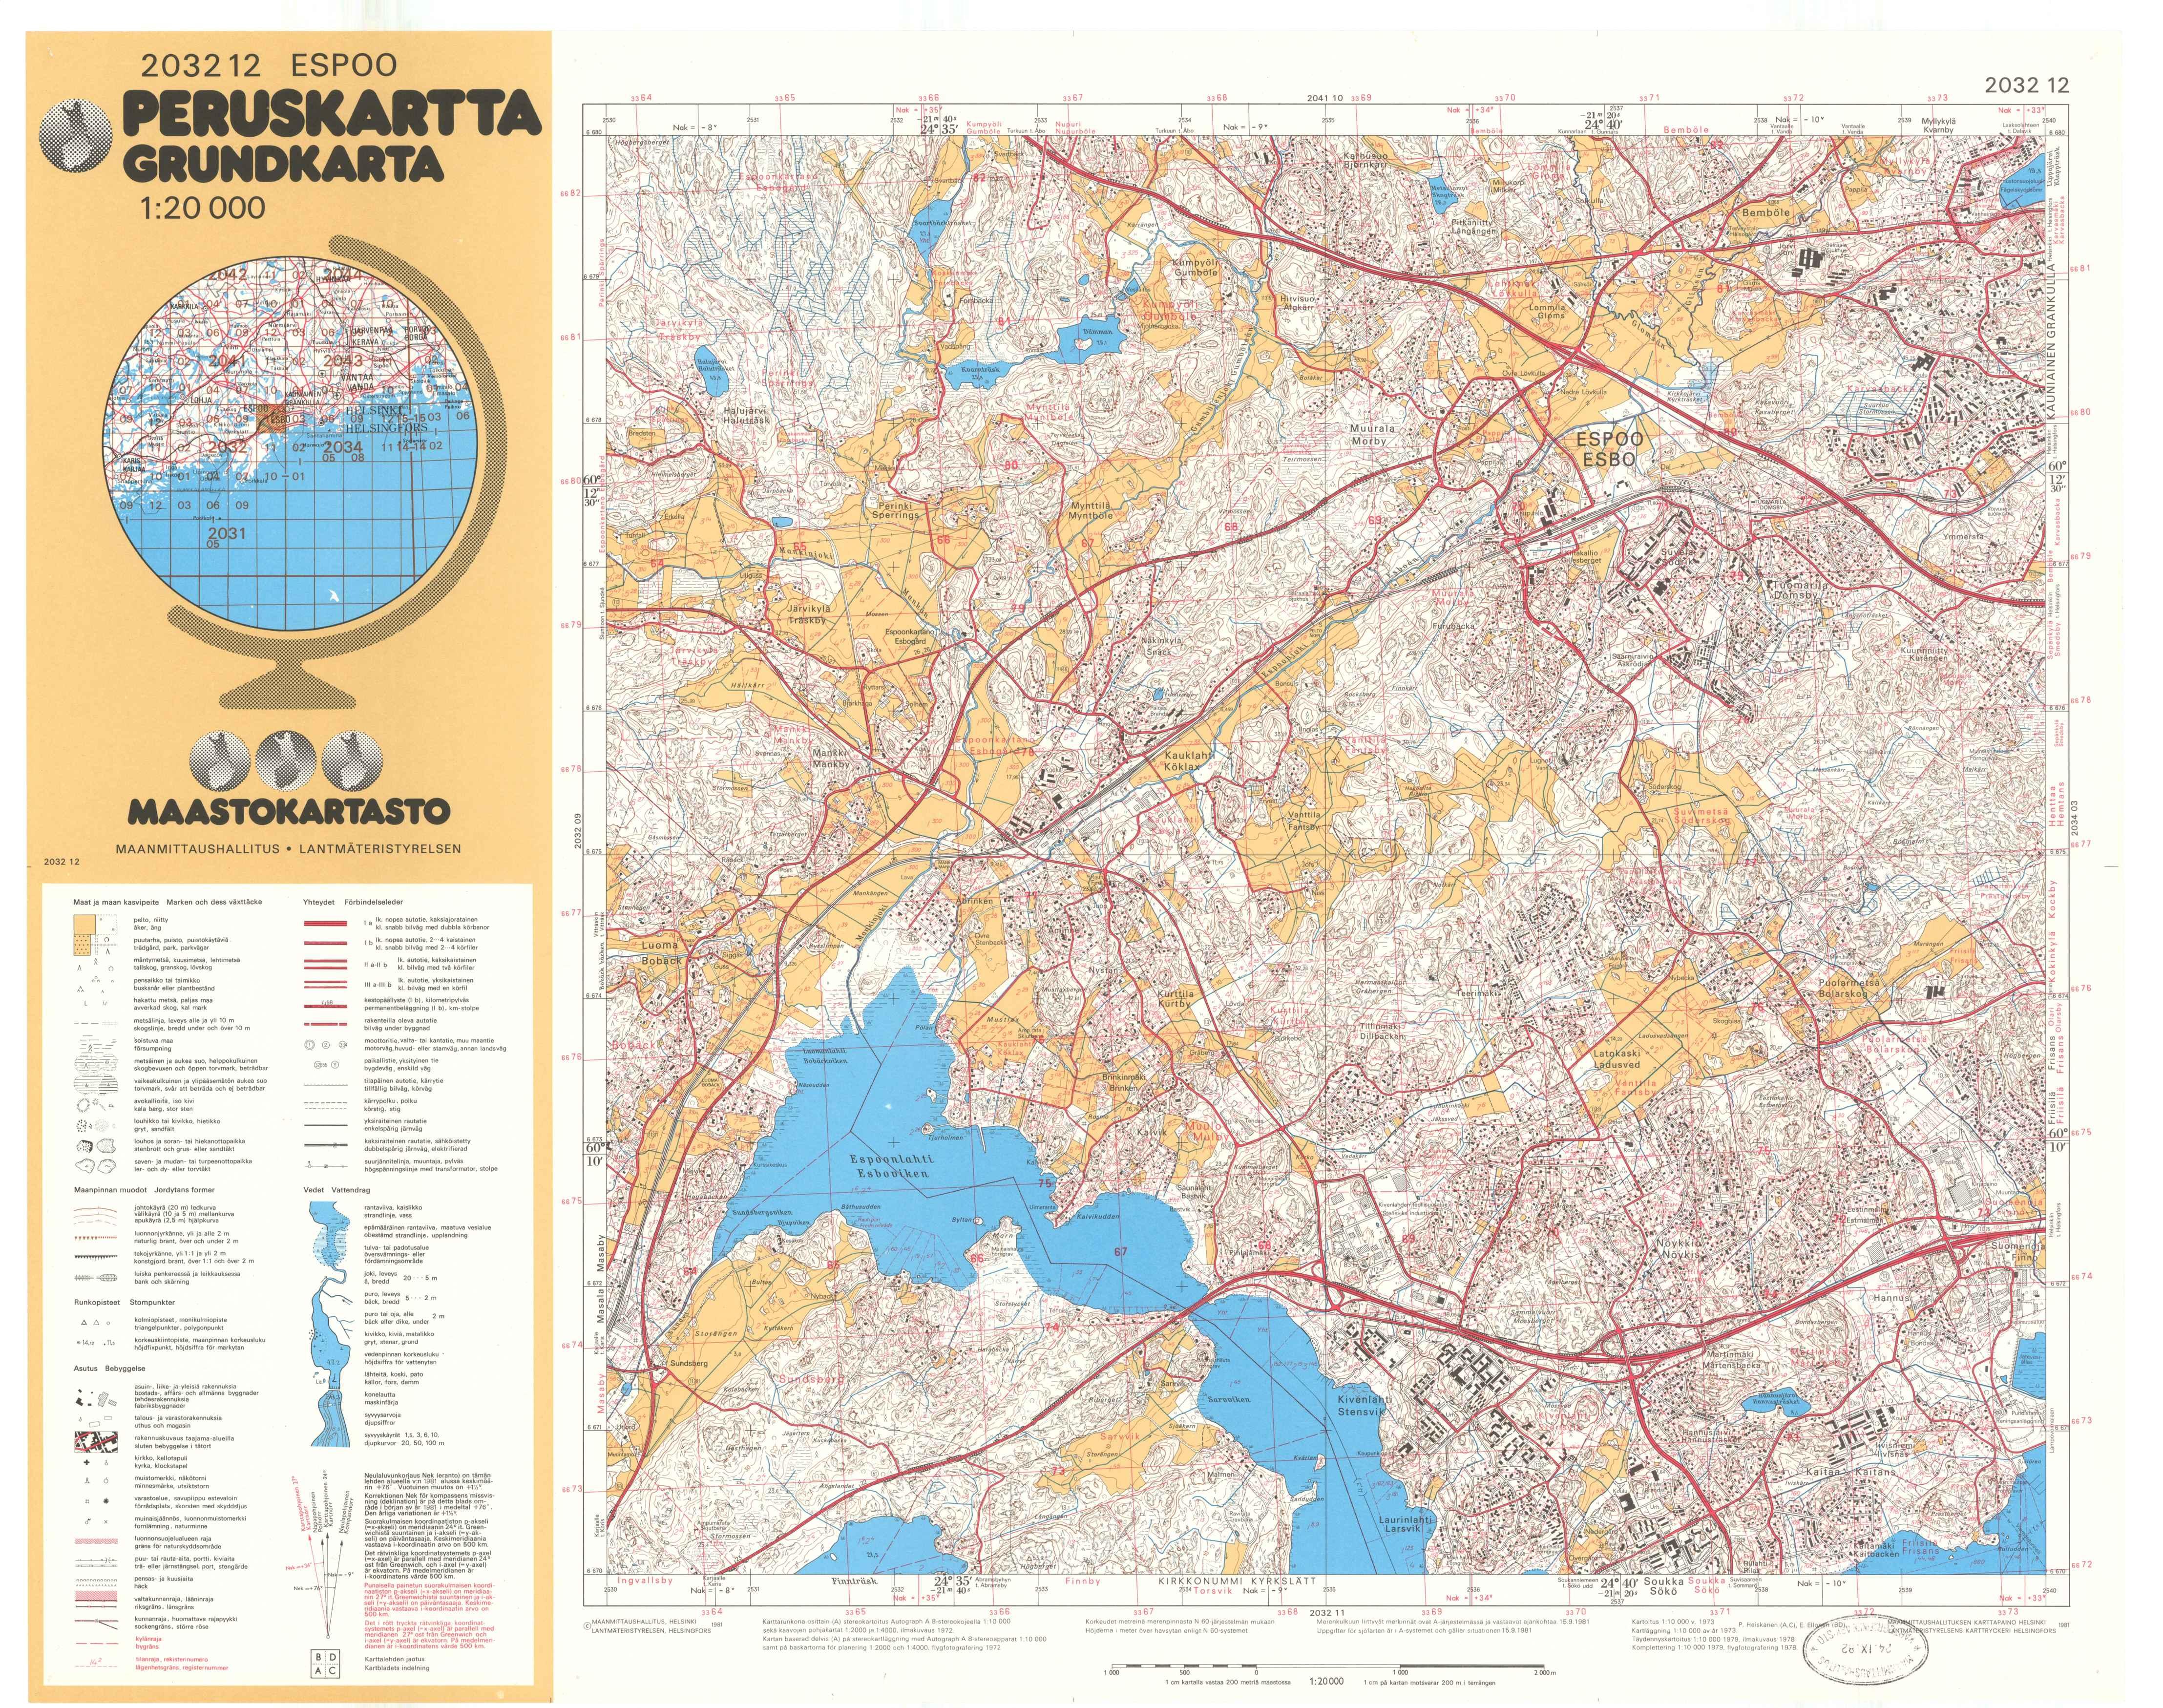 Kartta vuodelta 1981